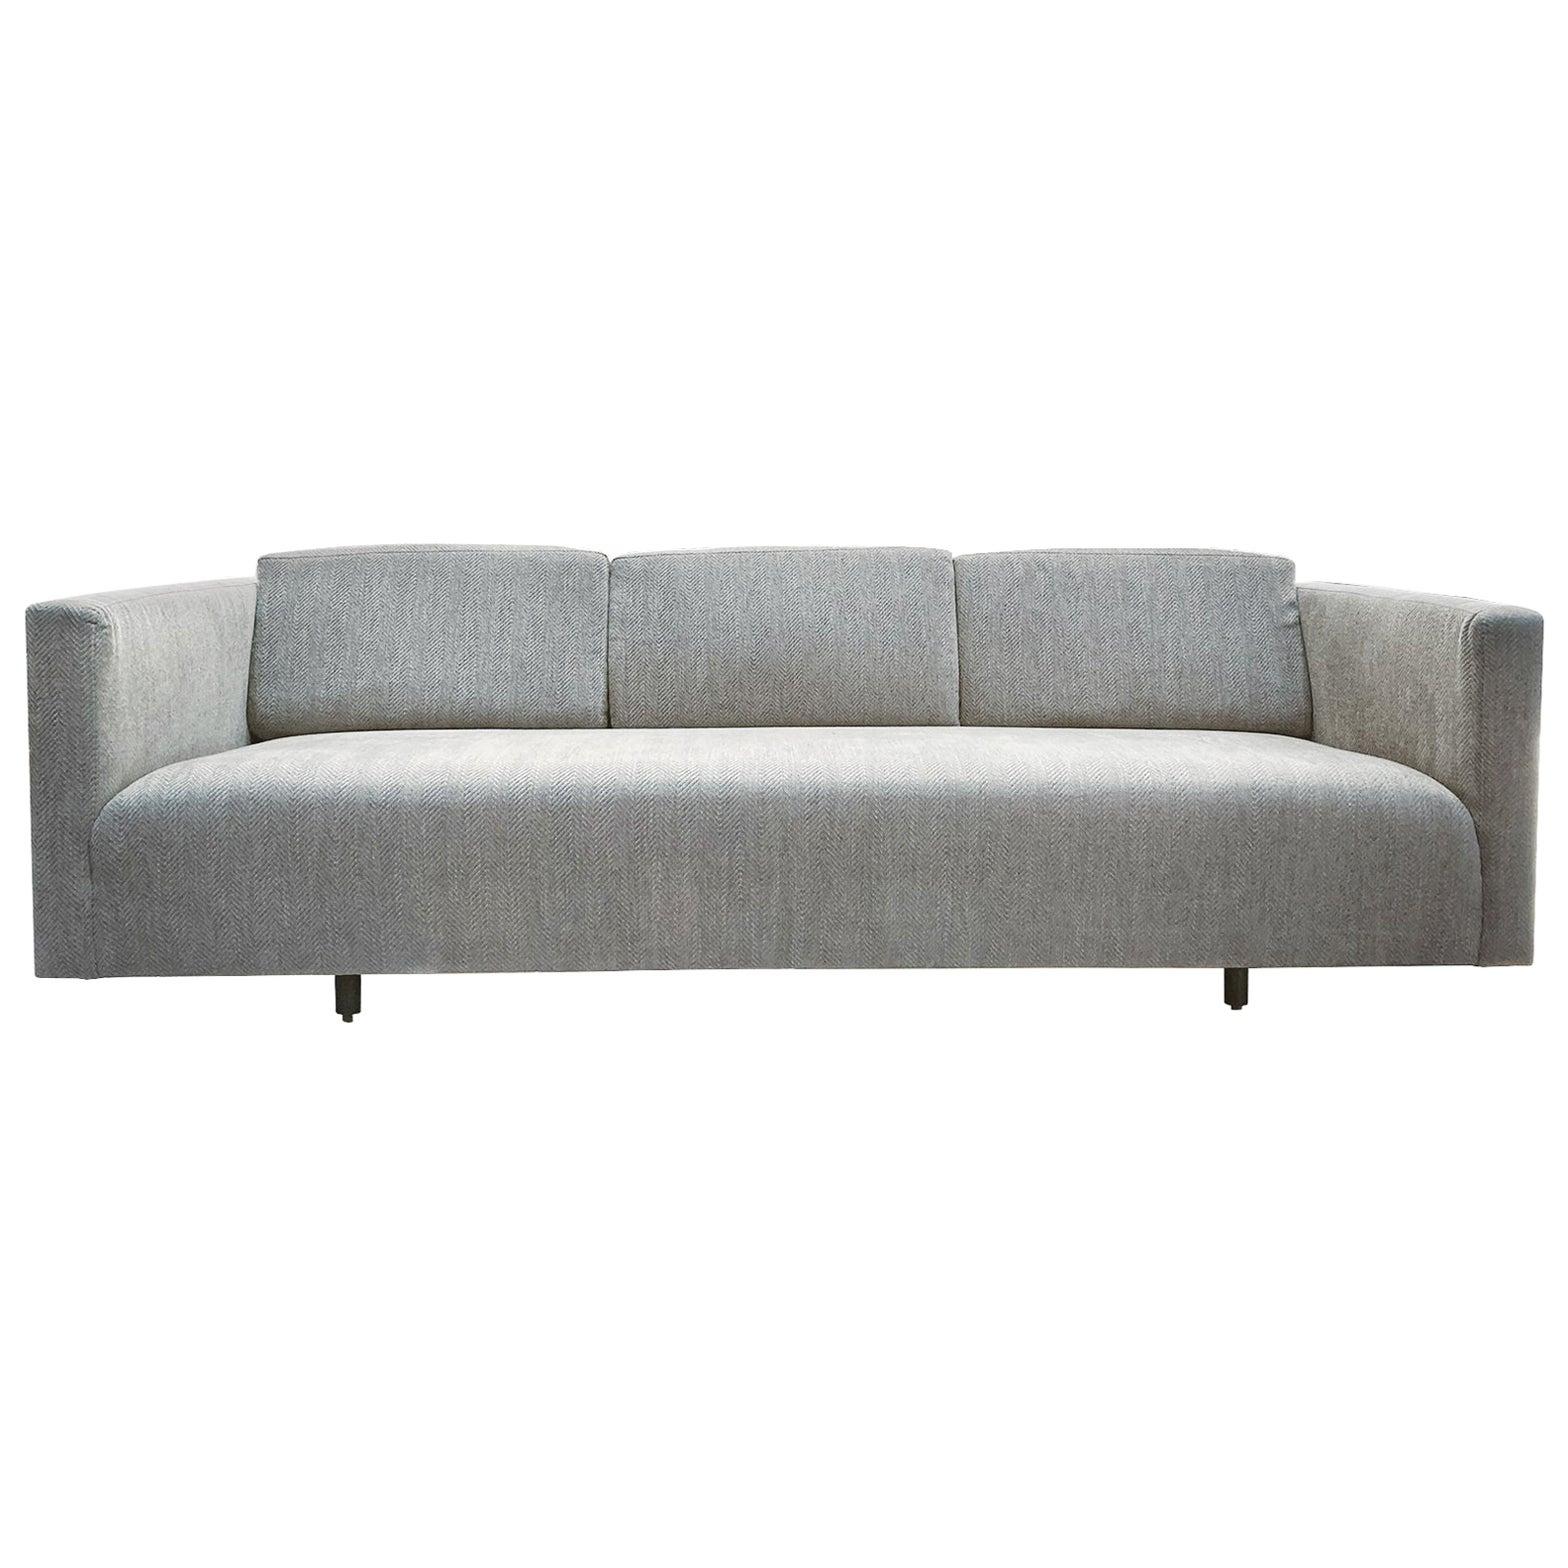 Mid-20th Century Tuxedo Sofa by Harvey Probber